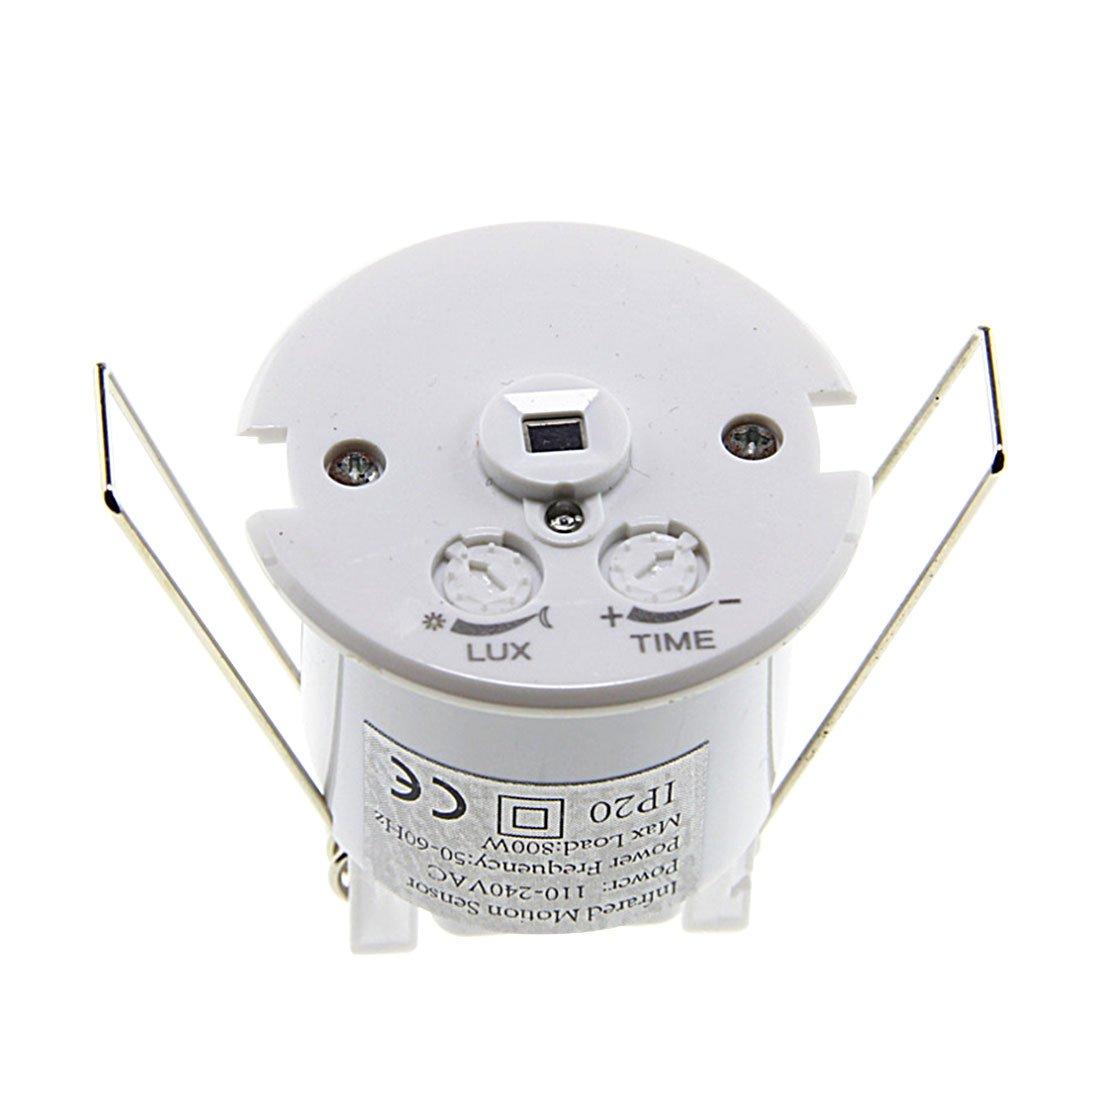 VHLL Mini Adjustable 110-240V AC 360 Degree Ceiling Infrared Body Motion Sensor Detector Lamp Light Switch White NEW